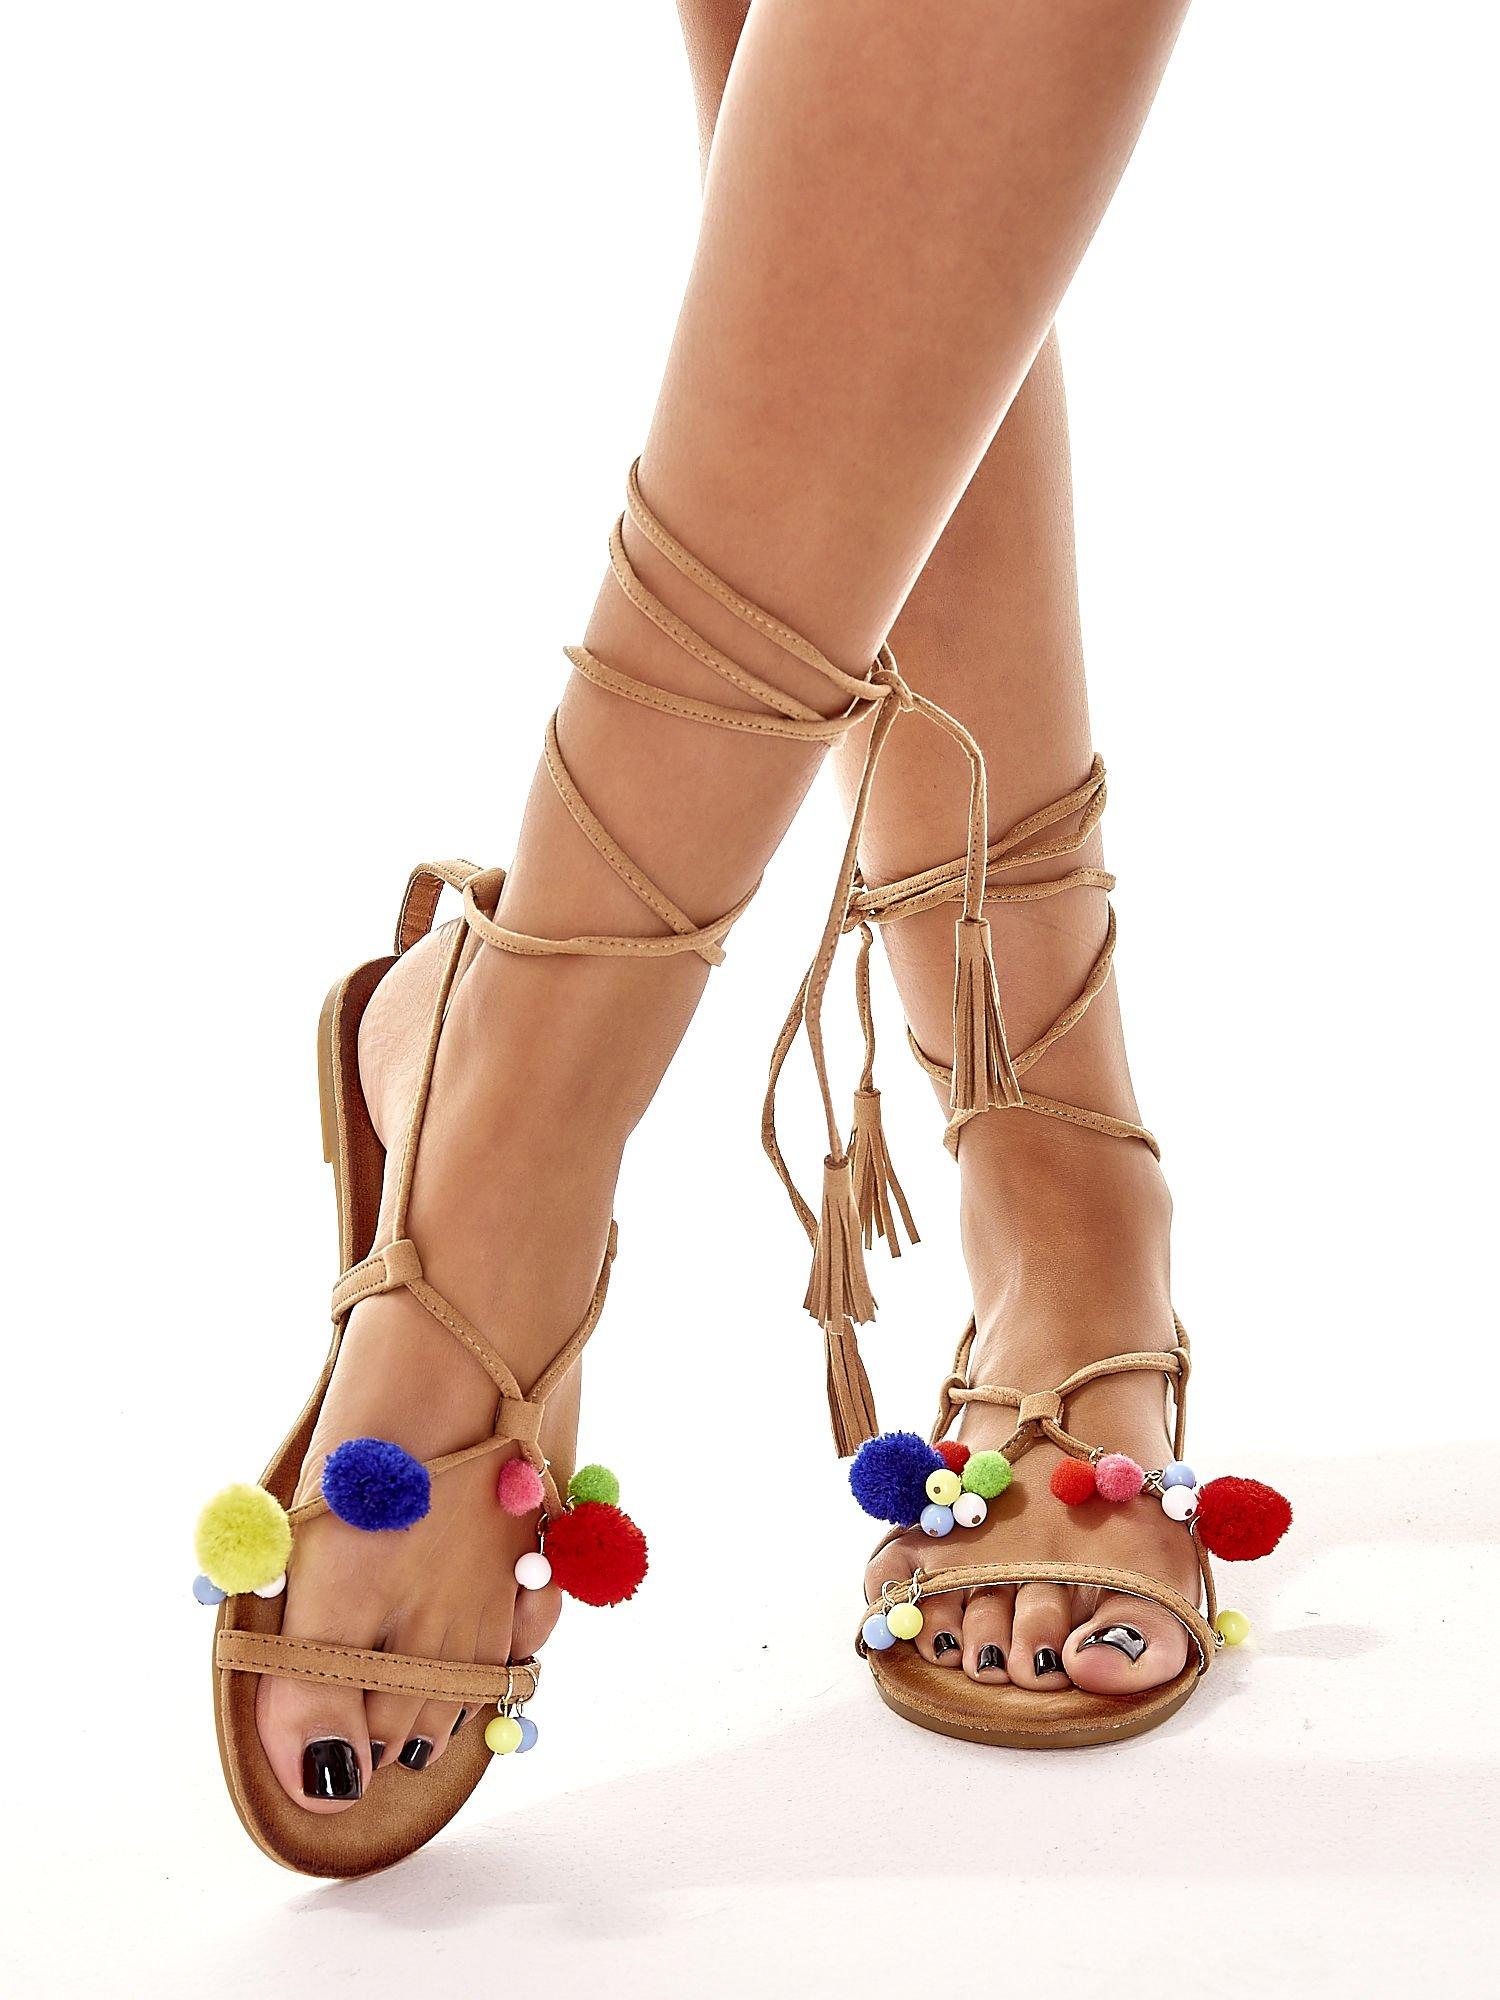 Karmelowe sandały damskie gladiatorki z pomponami                                  zdj.                                  2